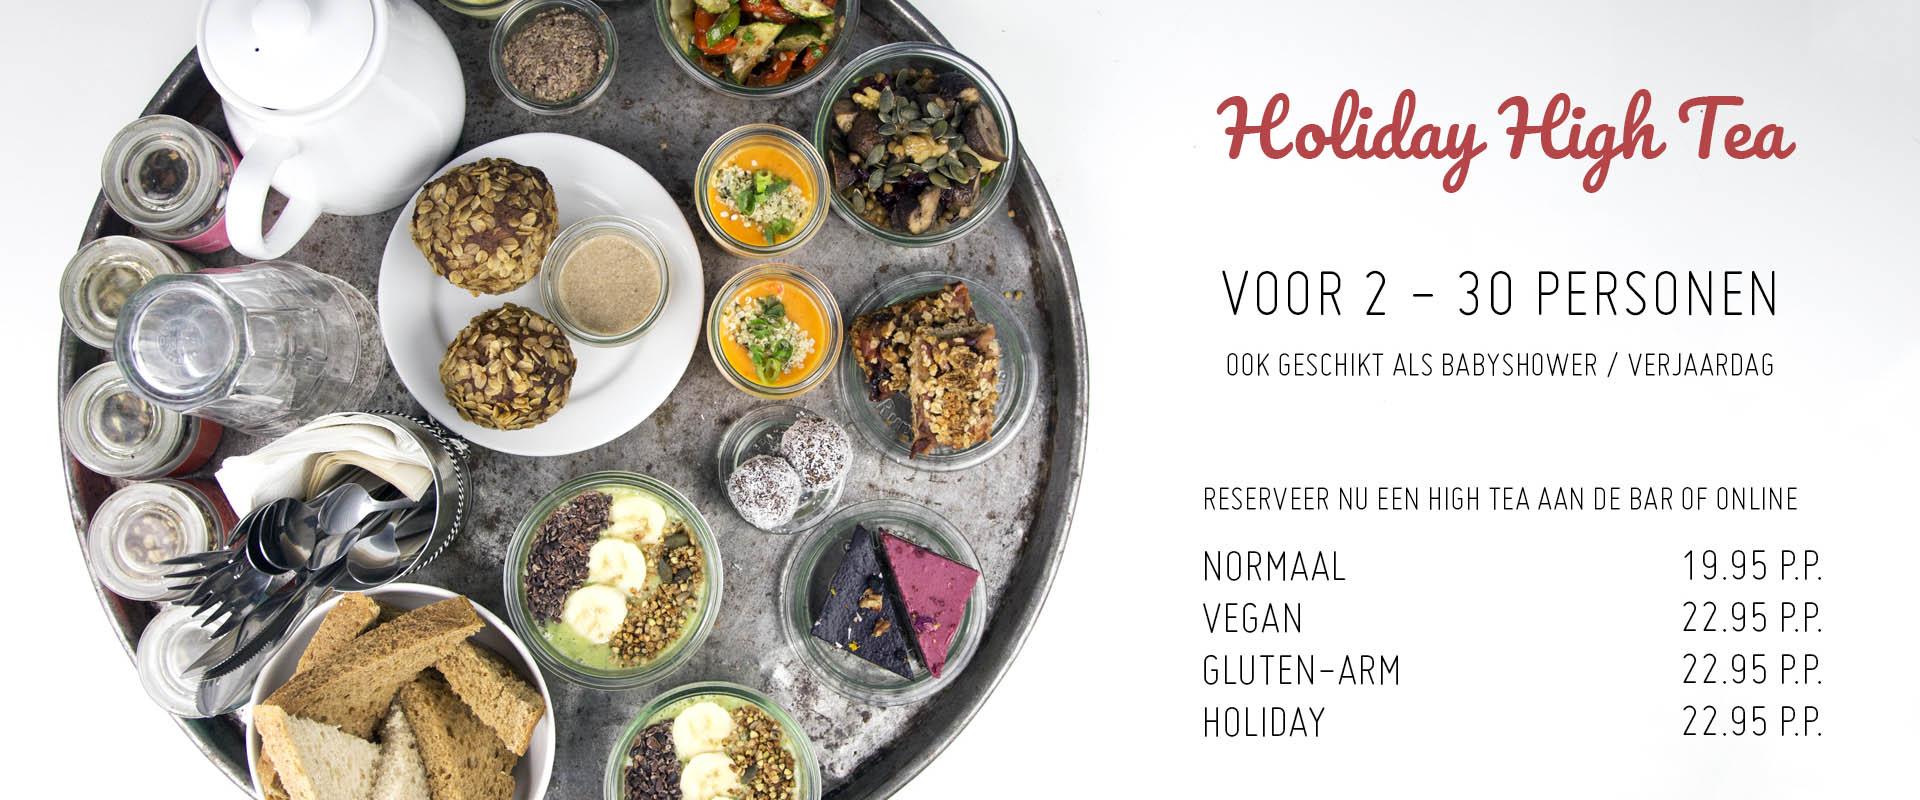 Reserveer nu een high tea in centrum Rotterdam.